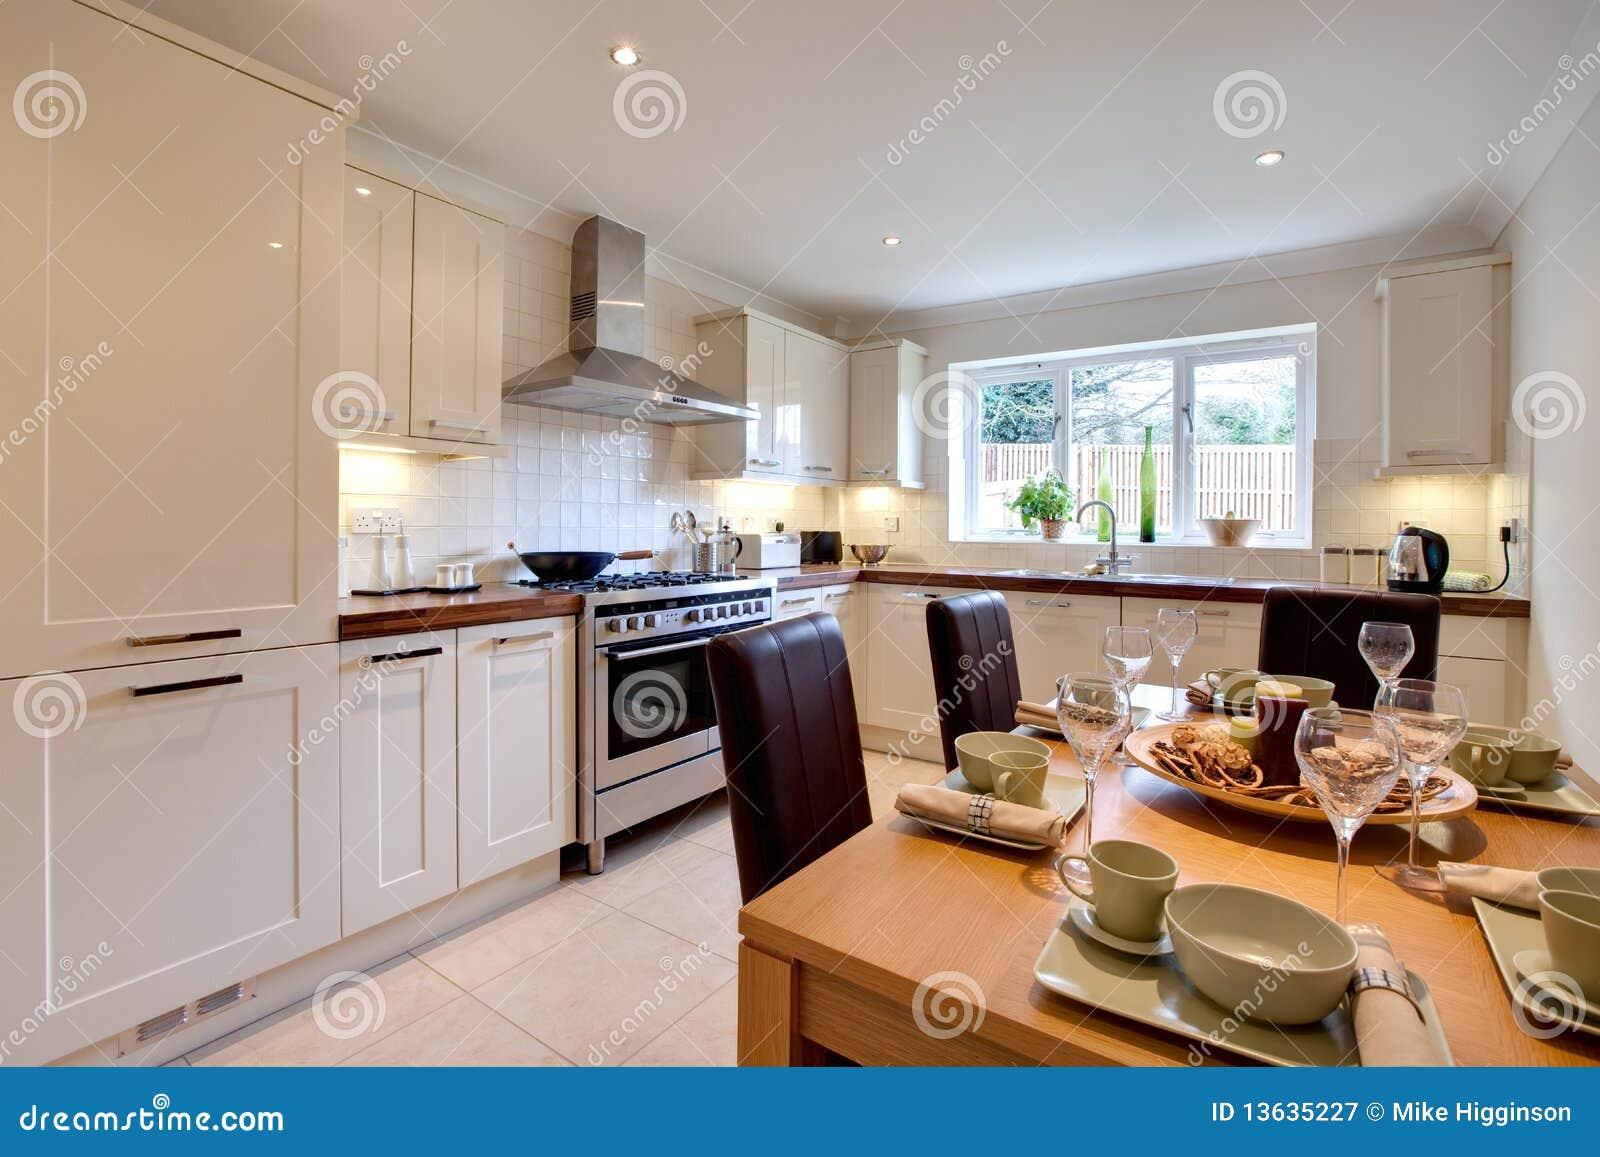 Cozinha Moderna Chique Luxuoso Imagem De Stock Imagem De Tabela